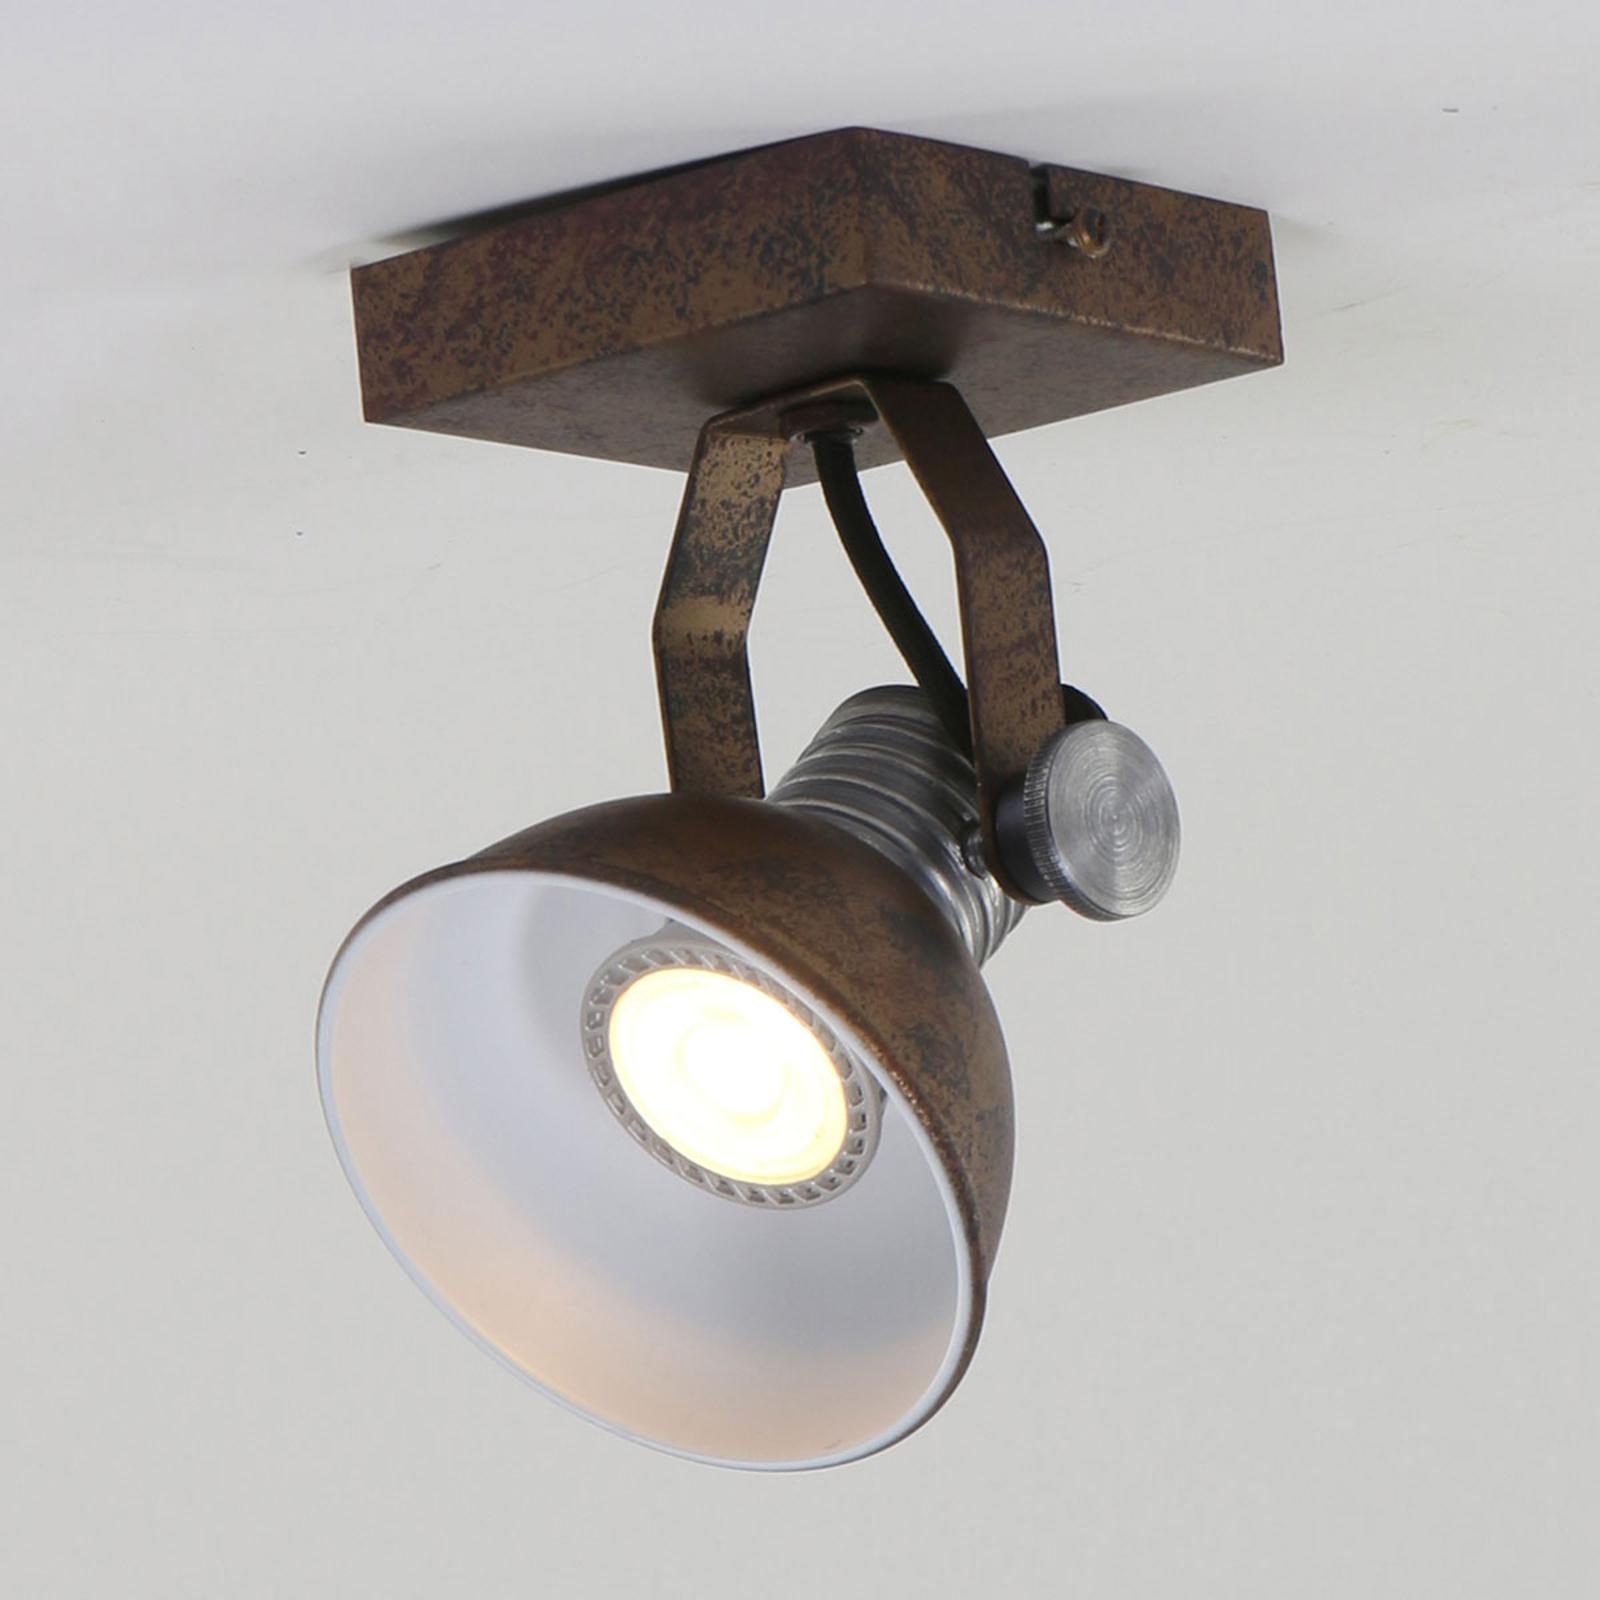 LED-Strahler Brooklyn 1fl. braun